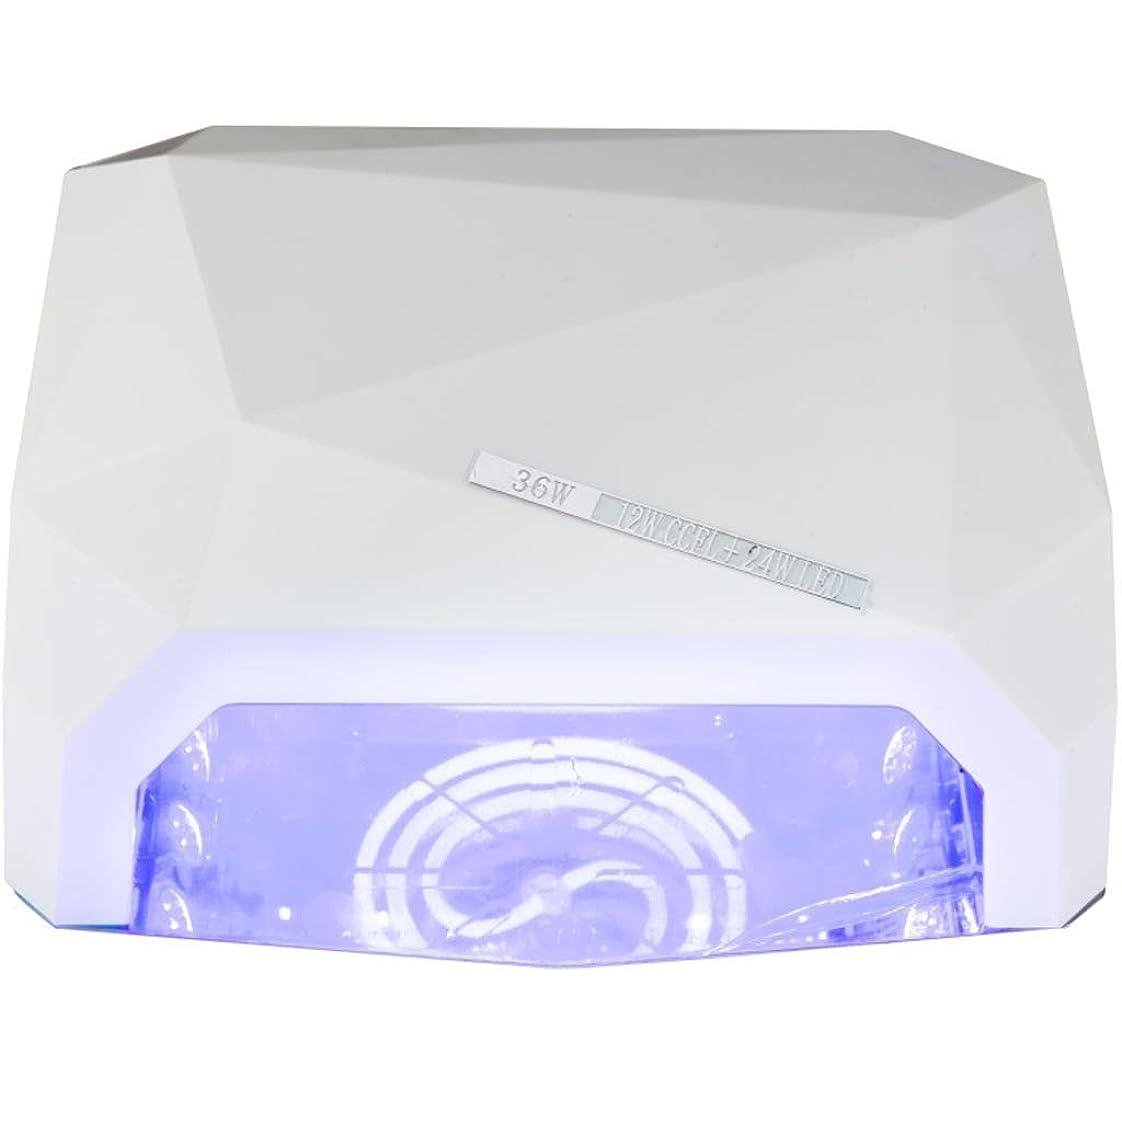 エラー工夫する封建ネイル光線治療装置インテリジェントタイミング乾燥高速36Wポータブル耐久性のある爪ツールの贈り物 (色 : 白)